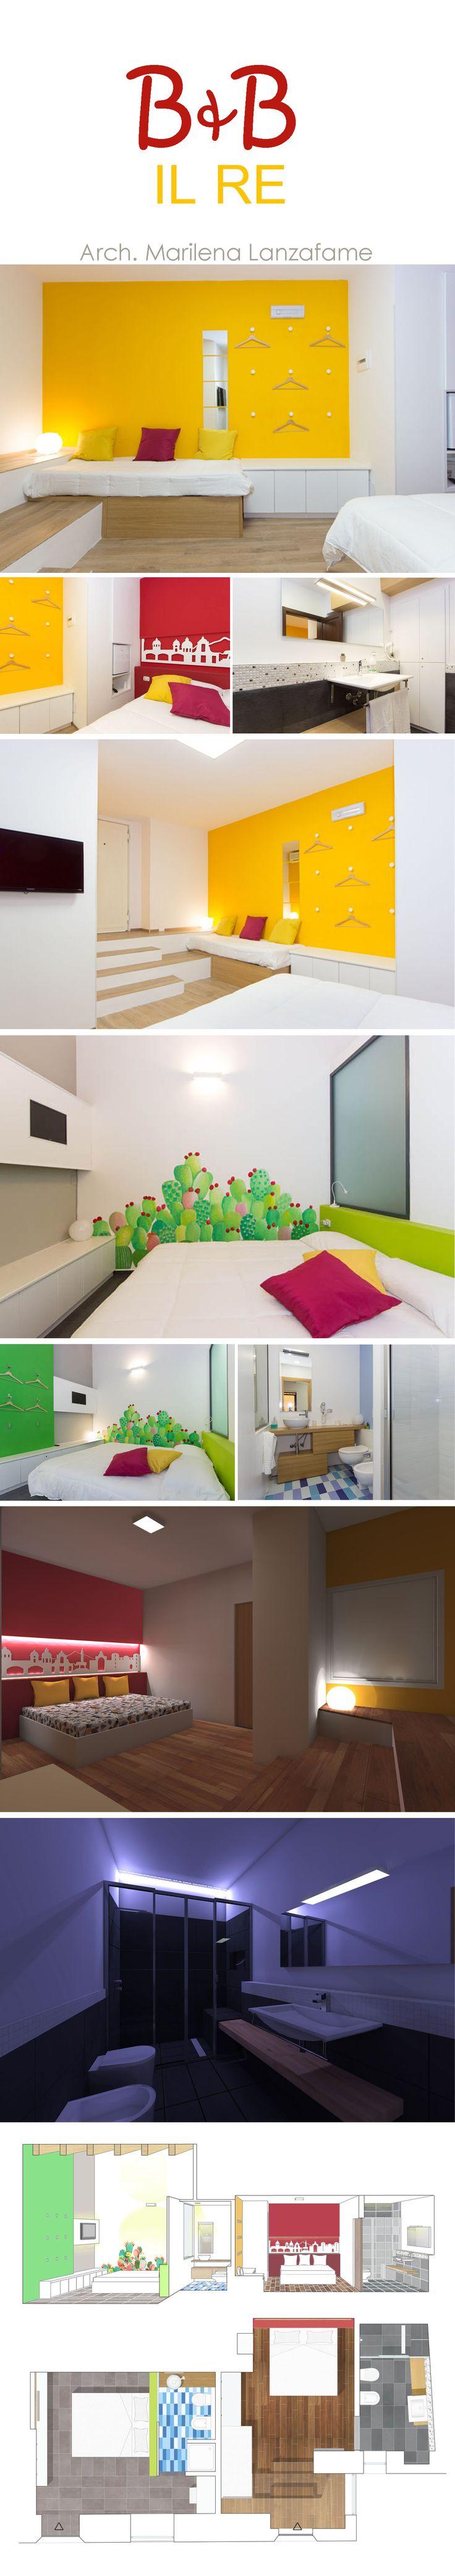 #b&bilre #catania #ficodindia #castelloursino #design #architecture #interior #project #docciaemozionale #greenroom #redroom